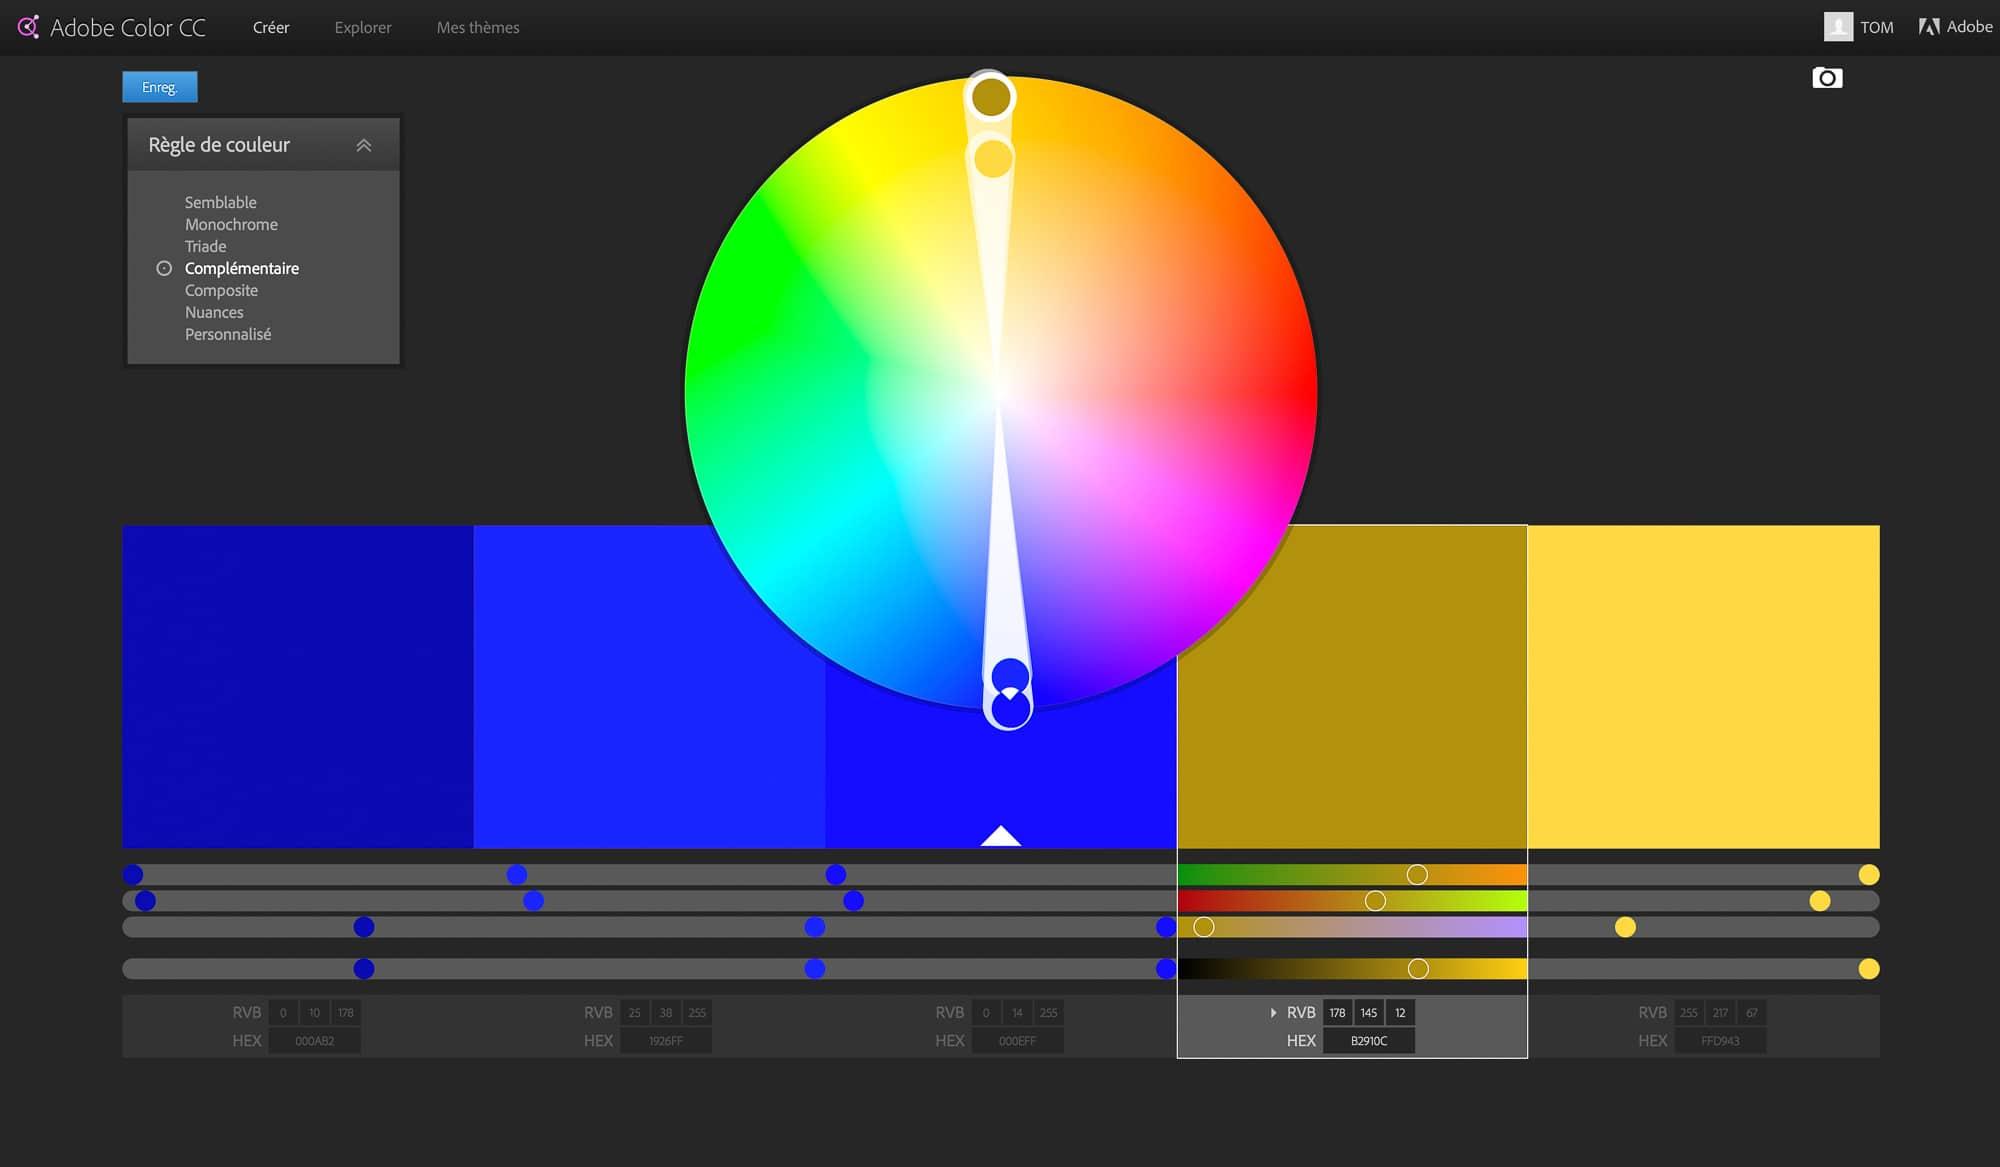 La roue chromatique par Adobe Color CC